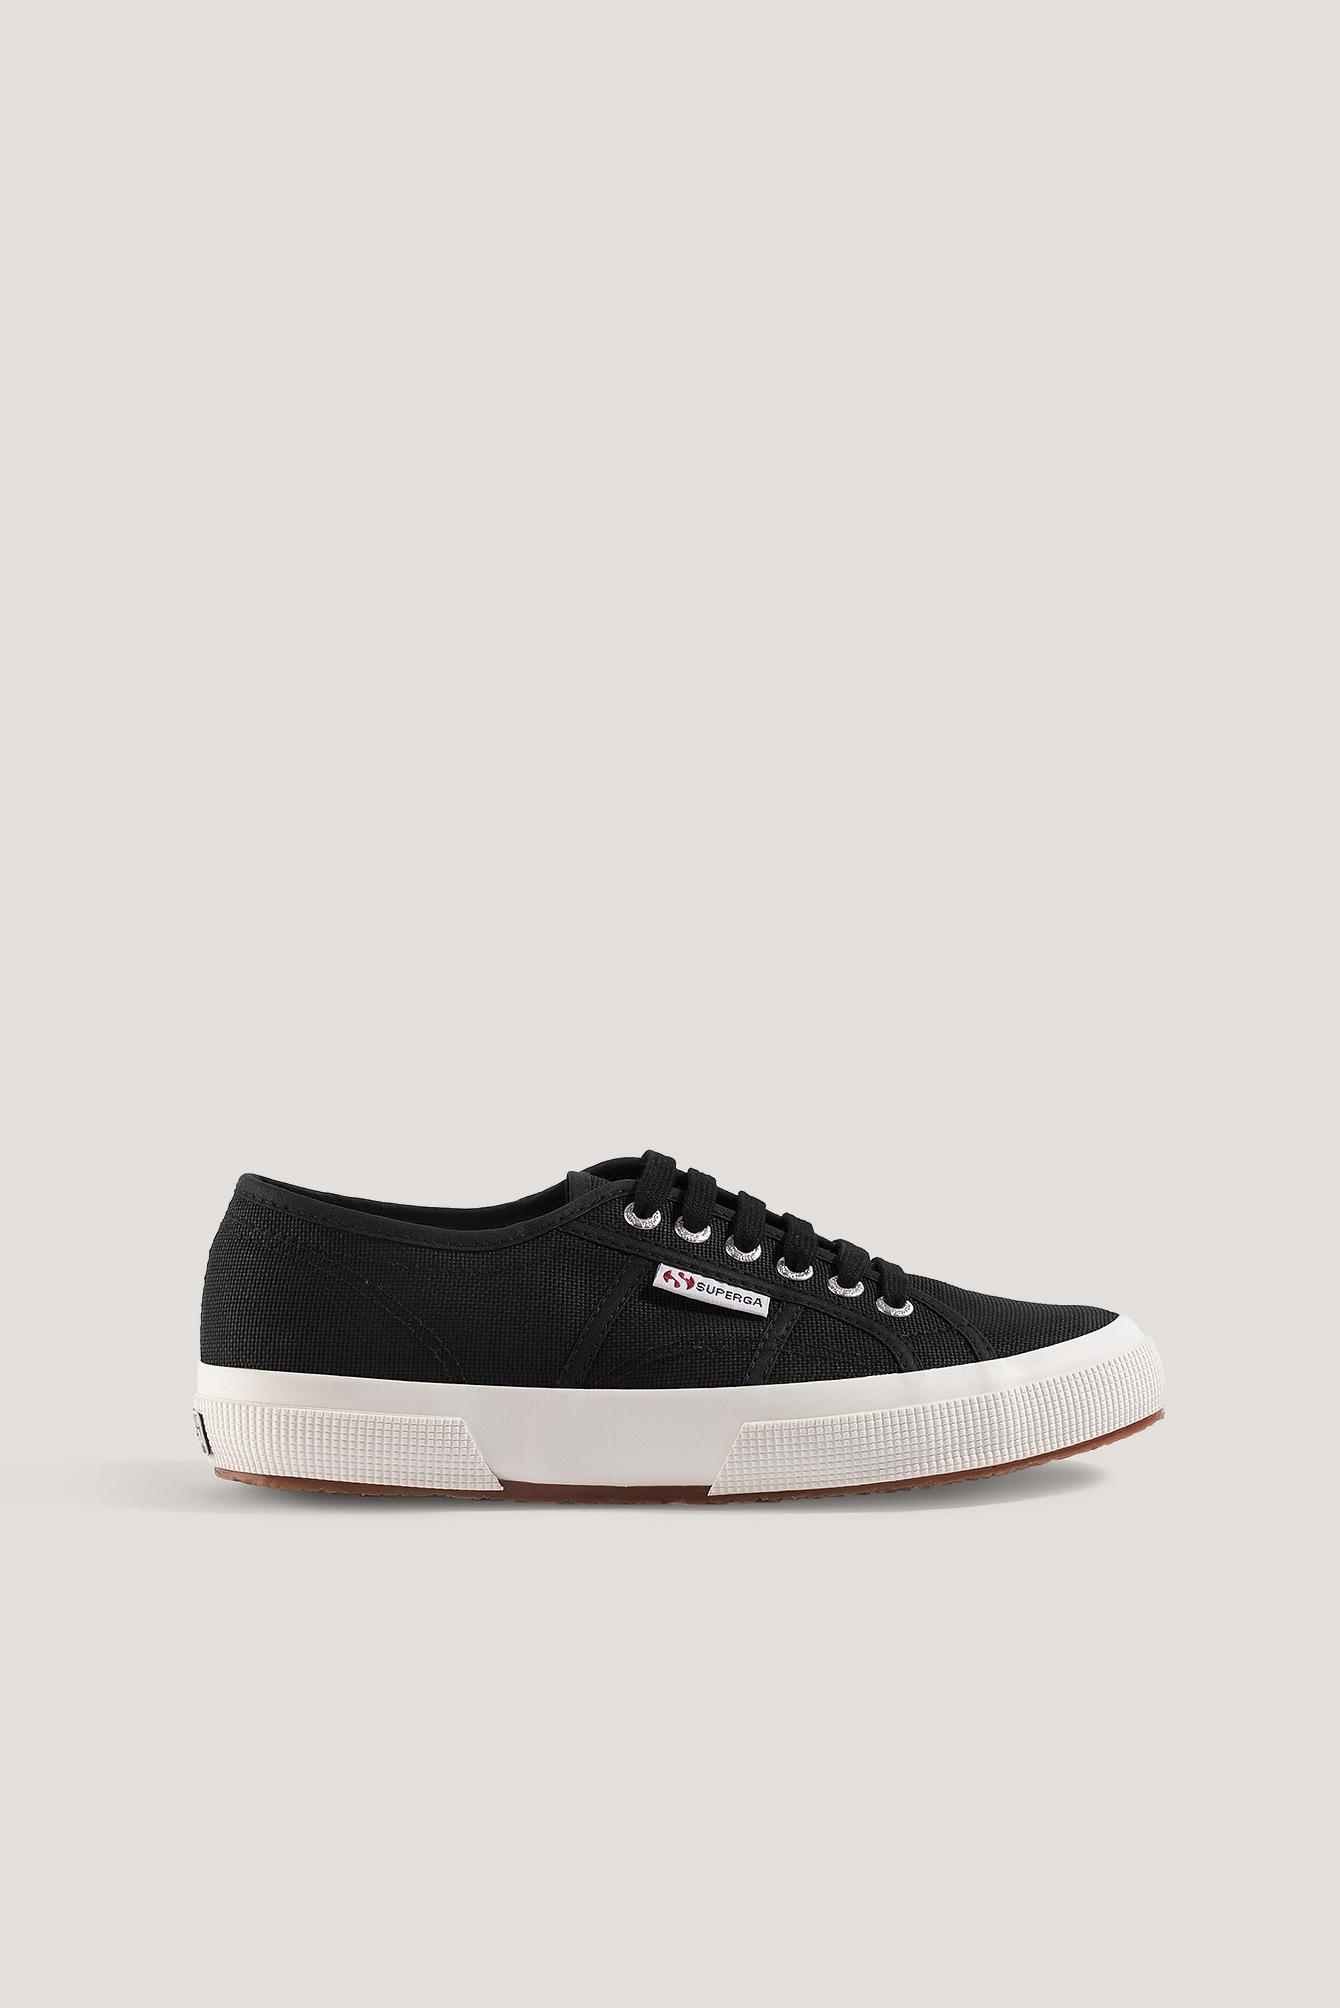 Superga Märkessneakers - Black